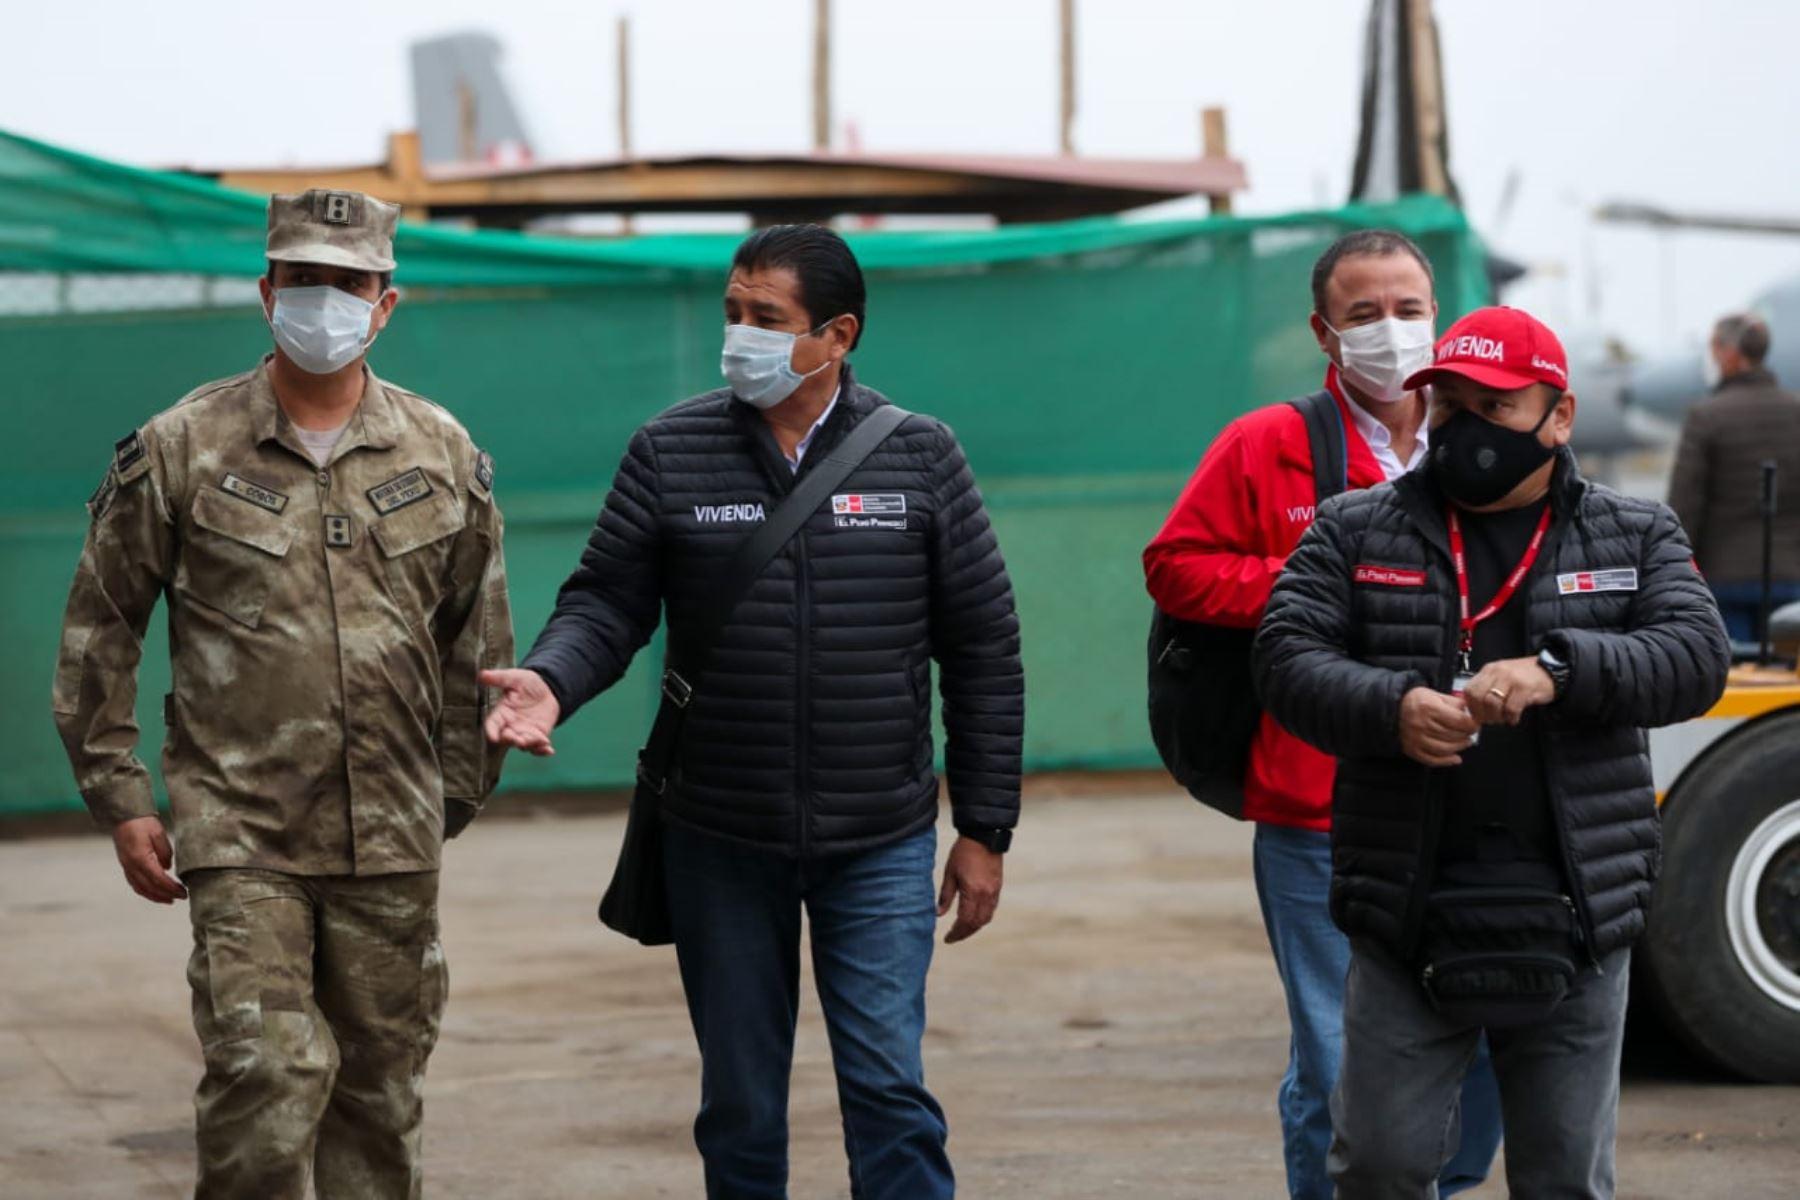 Jefe de Gabinete y ministros de Estado viajan a Ayacucho para reforzar acciones frente a la pandemia por Covid-19. Ministro de Vivienda, Rodolfo Yáñez, forma parte de la comitiva. Foto: ANDINA/PCM